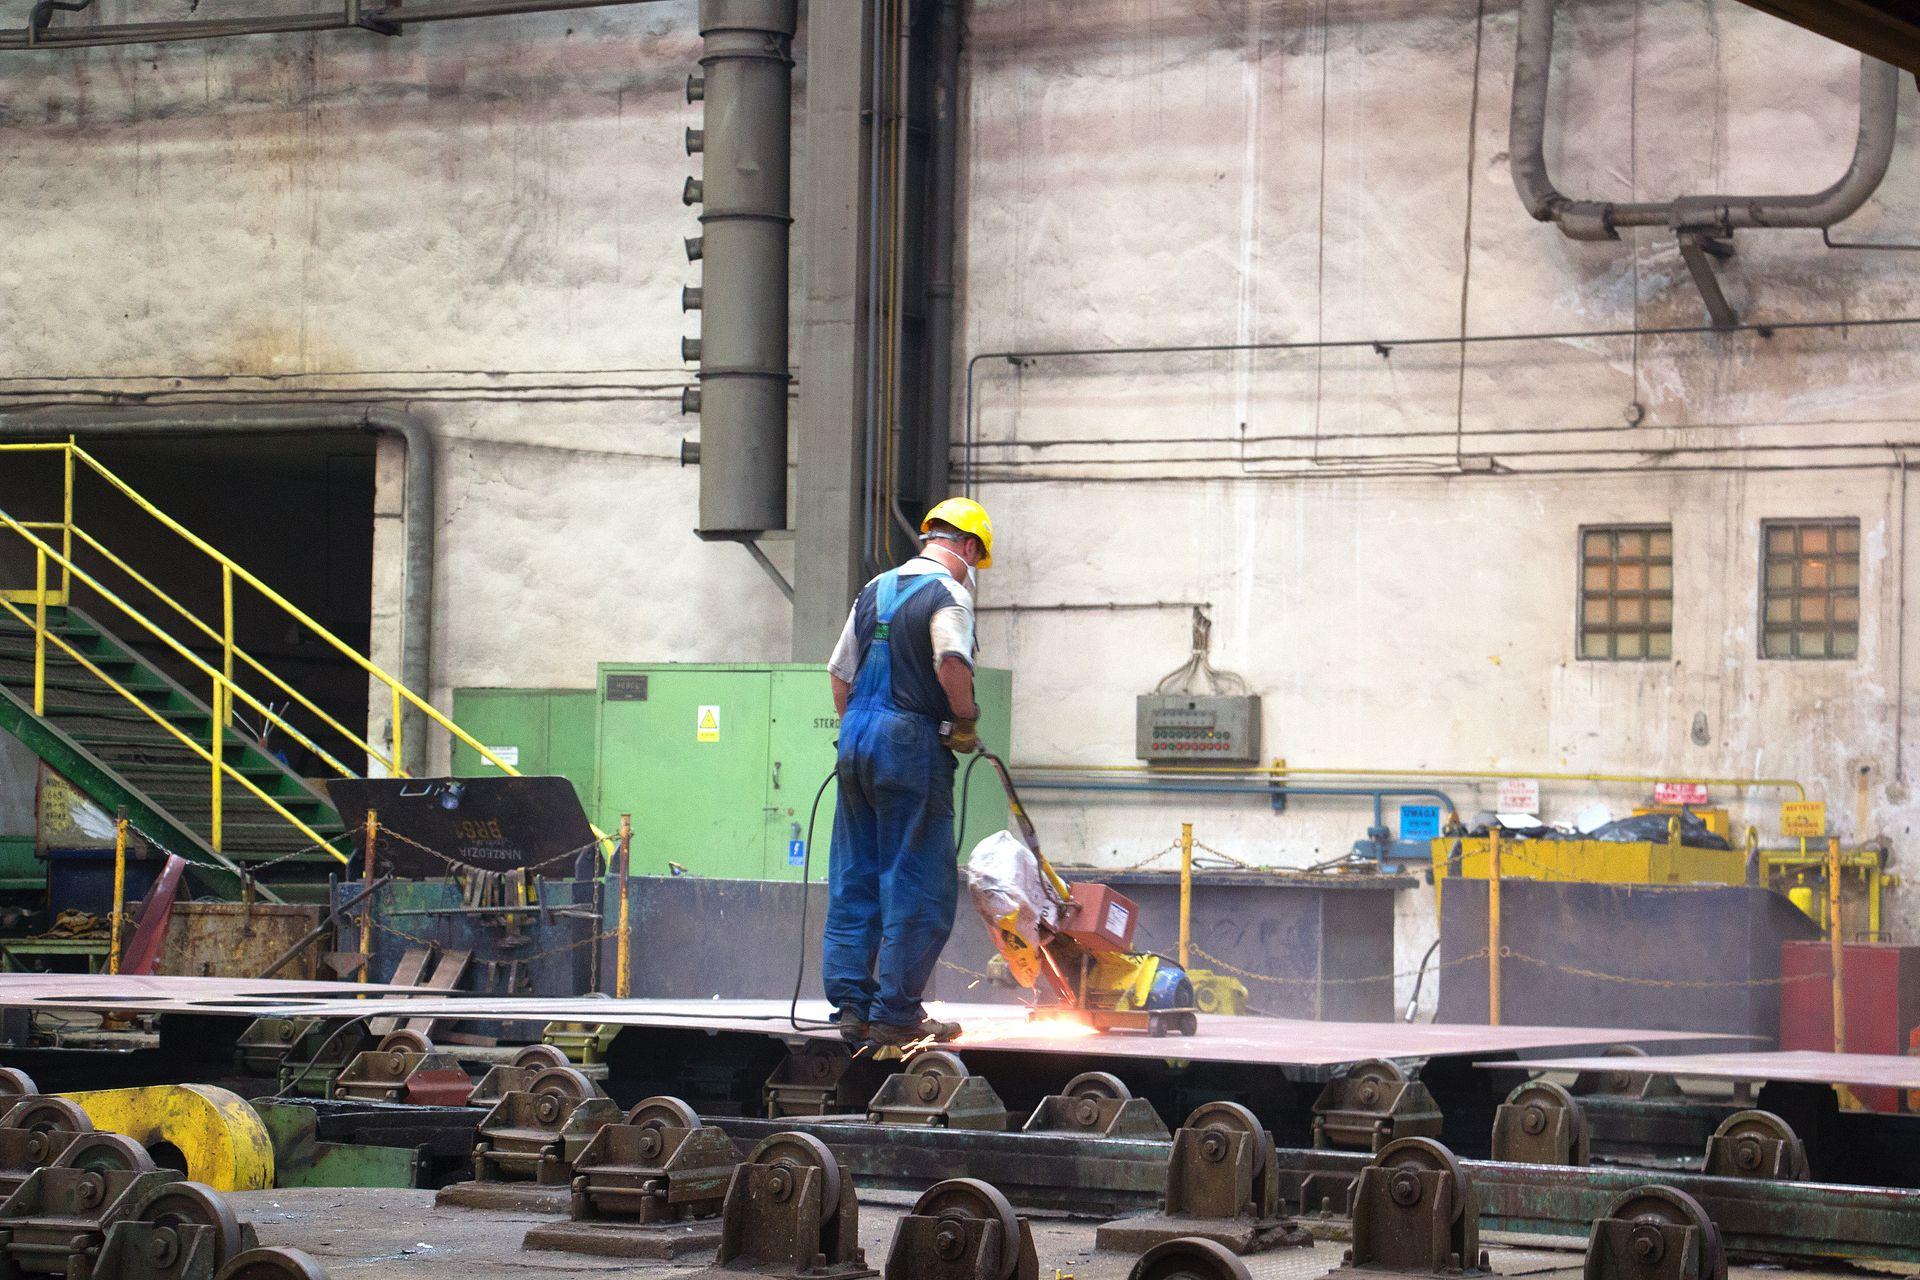 Crist-verftet i Gdynia benyttes stadig av norske skipsbyggere. Verftet har også hyppig brukt nordkoreansk arbeidskraft. Her fra Teknisk Ukeblads besøk på verftet i august.